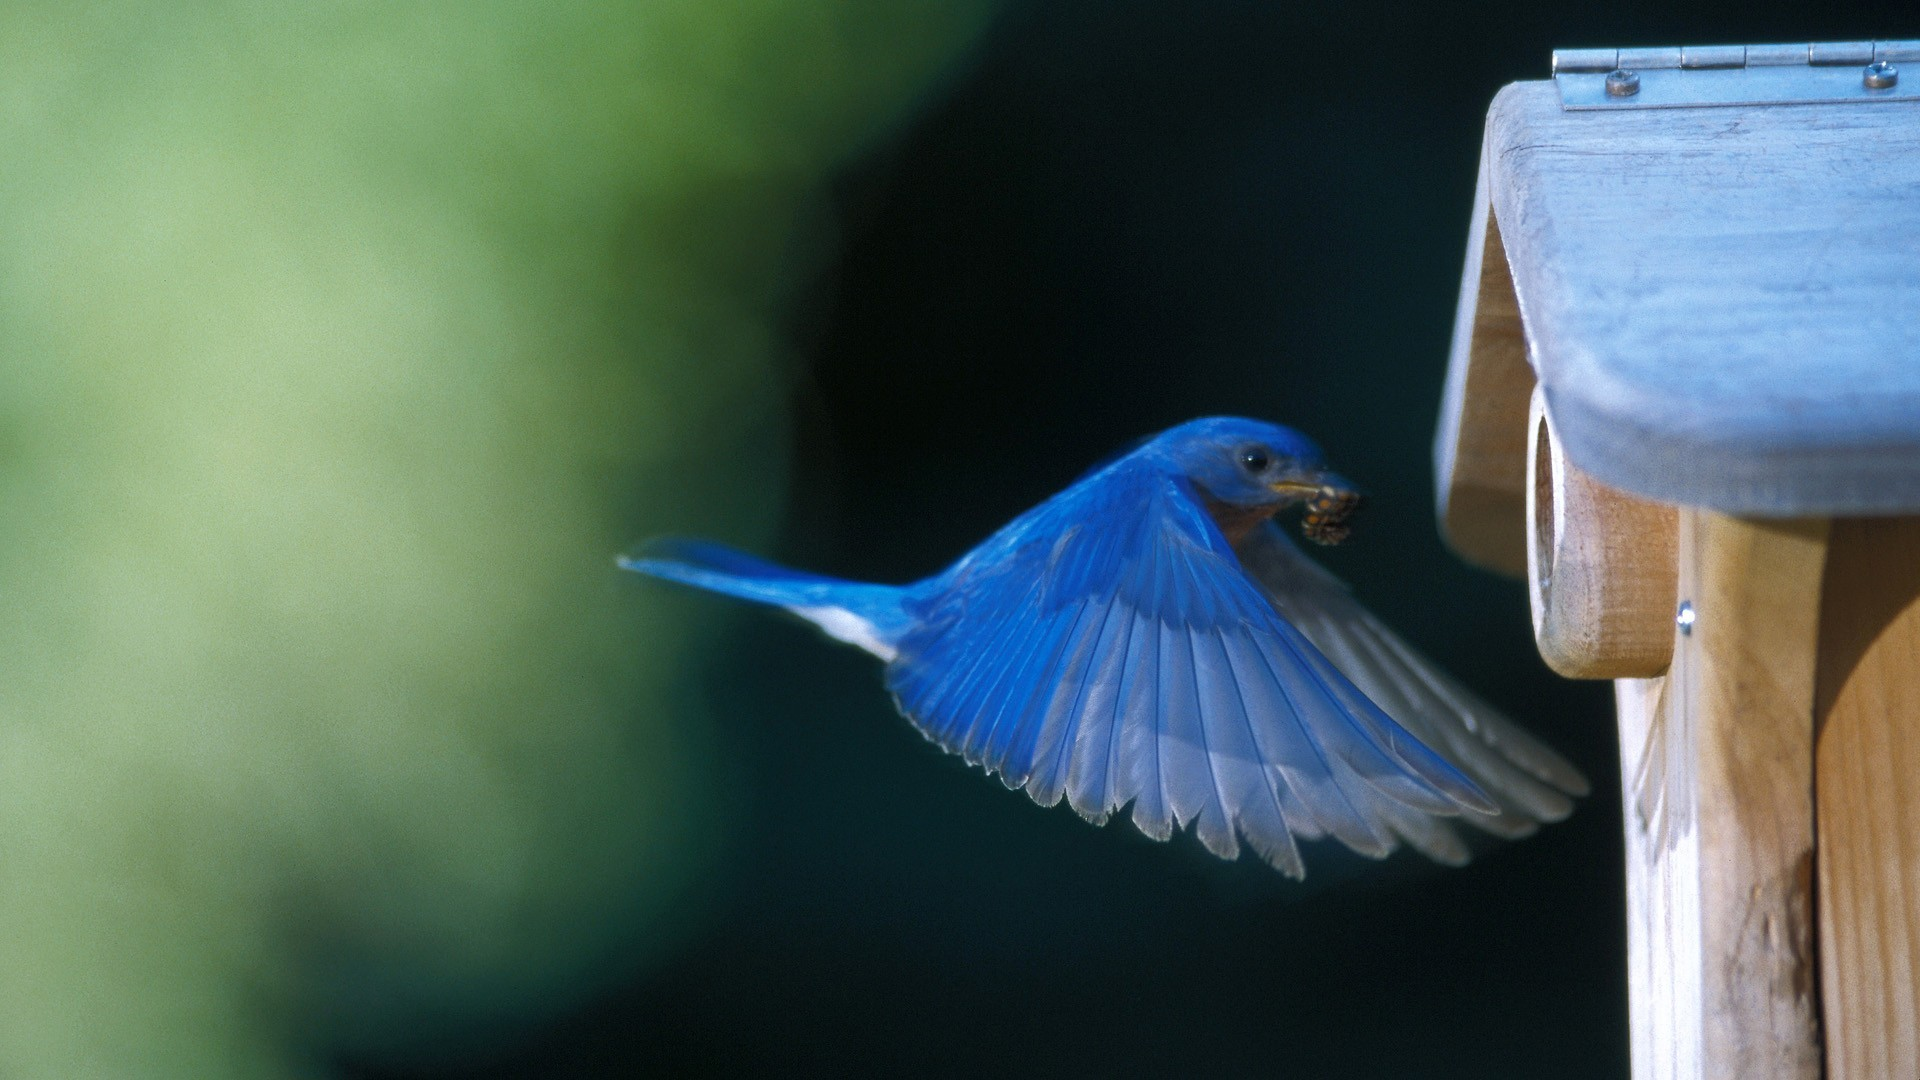 Bird Wallpaper Bluebird HD Widescreen WallPaper for your Desktop 1920x1080